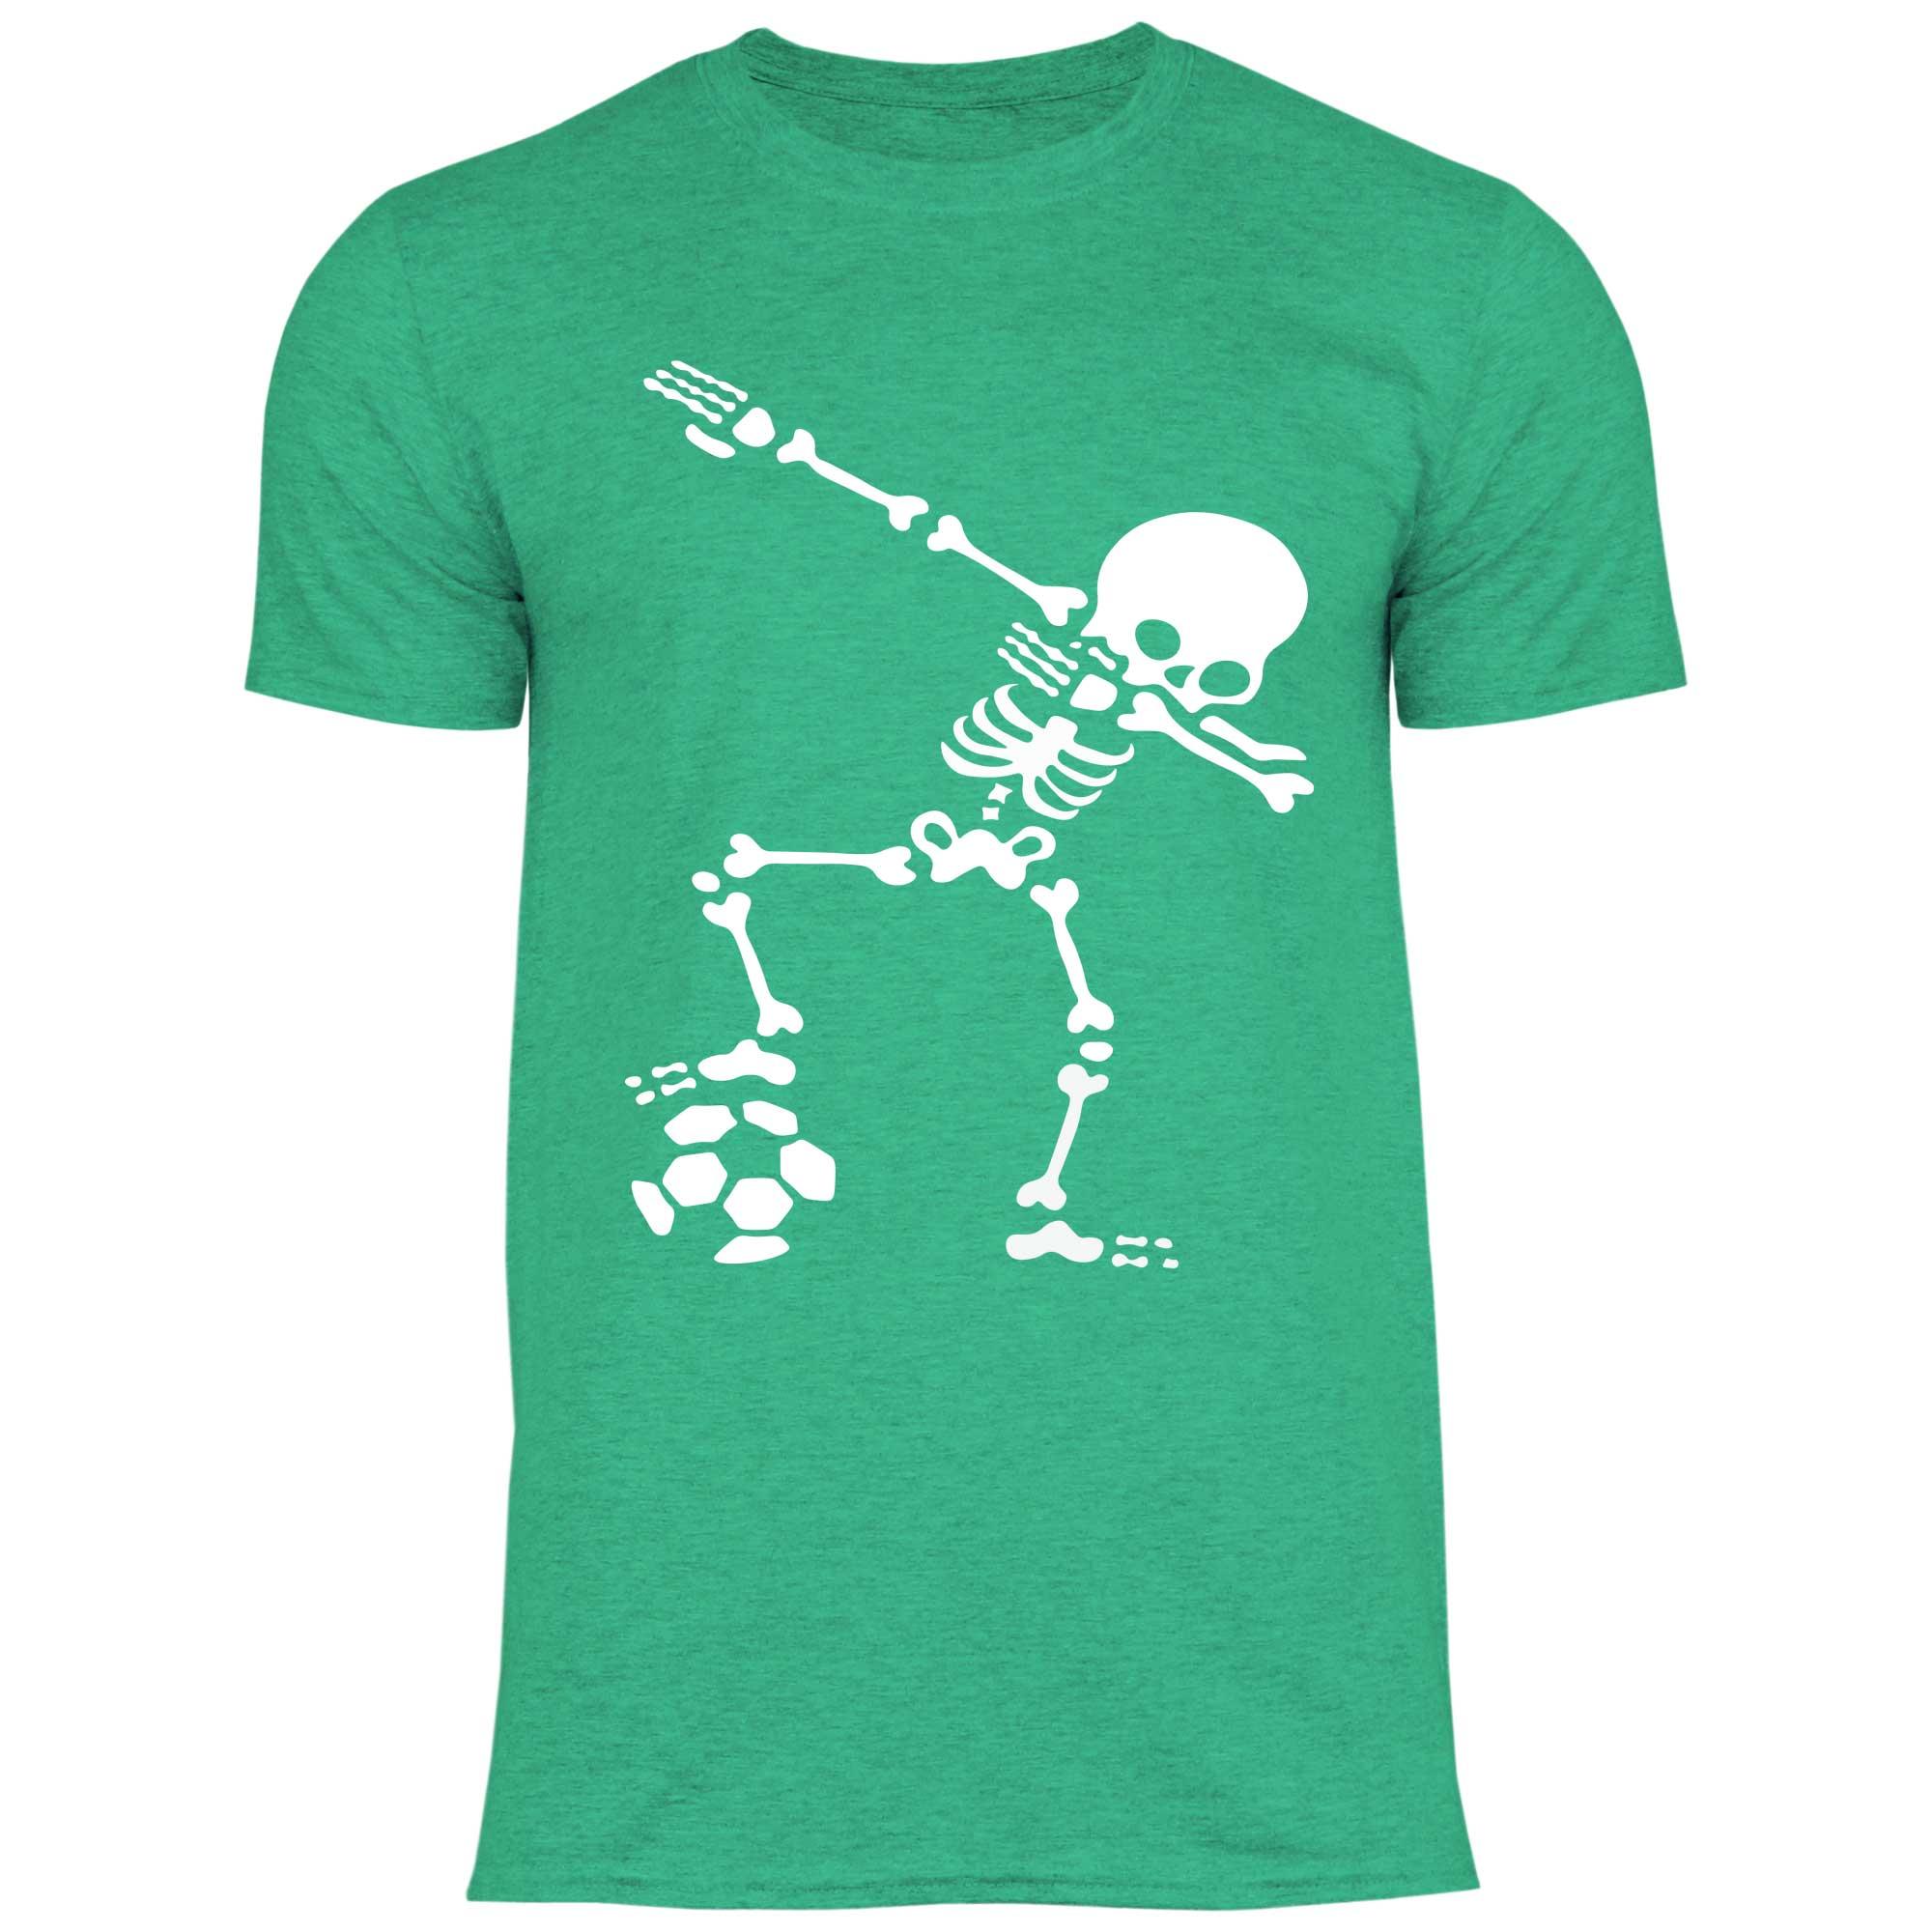 16e613d50595ee Royal Shirt • Trendige Designs für Mainstreamer und Querdenker